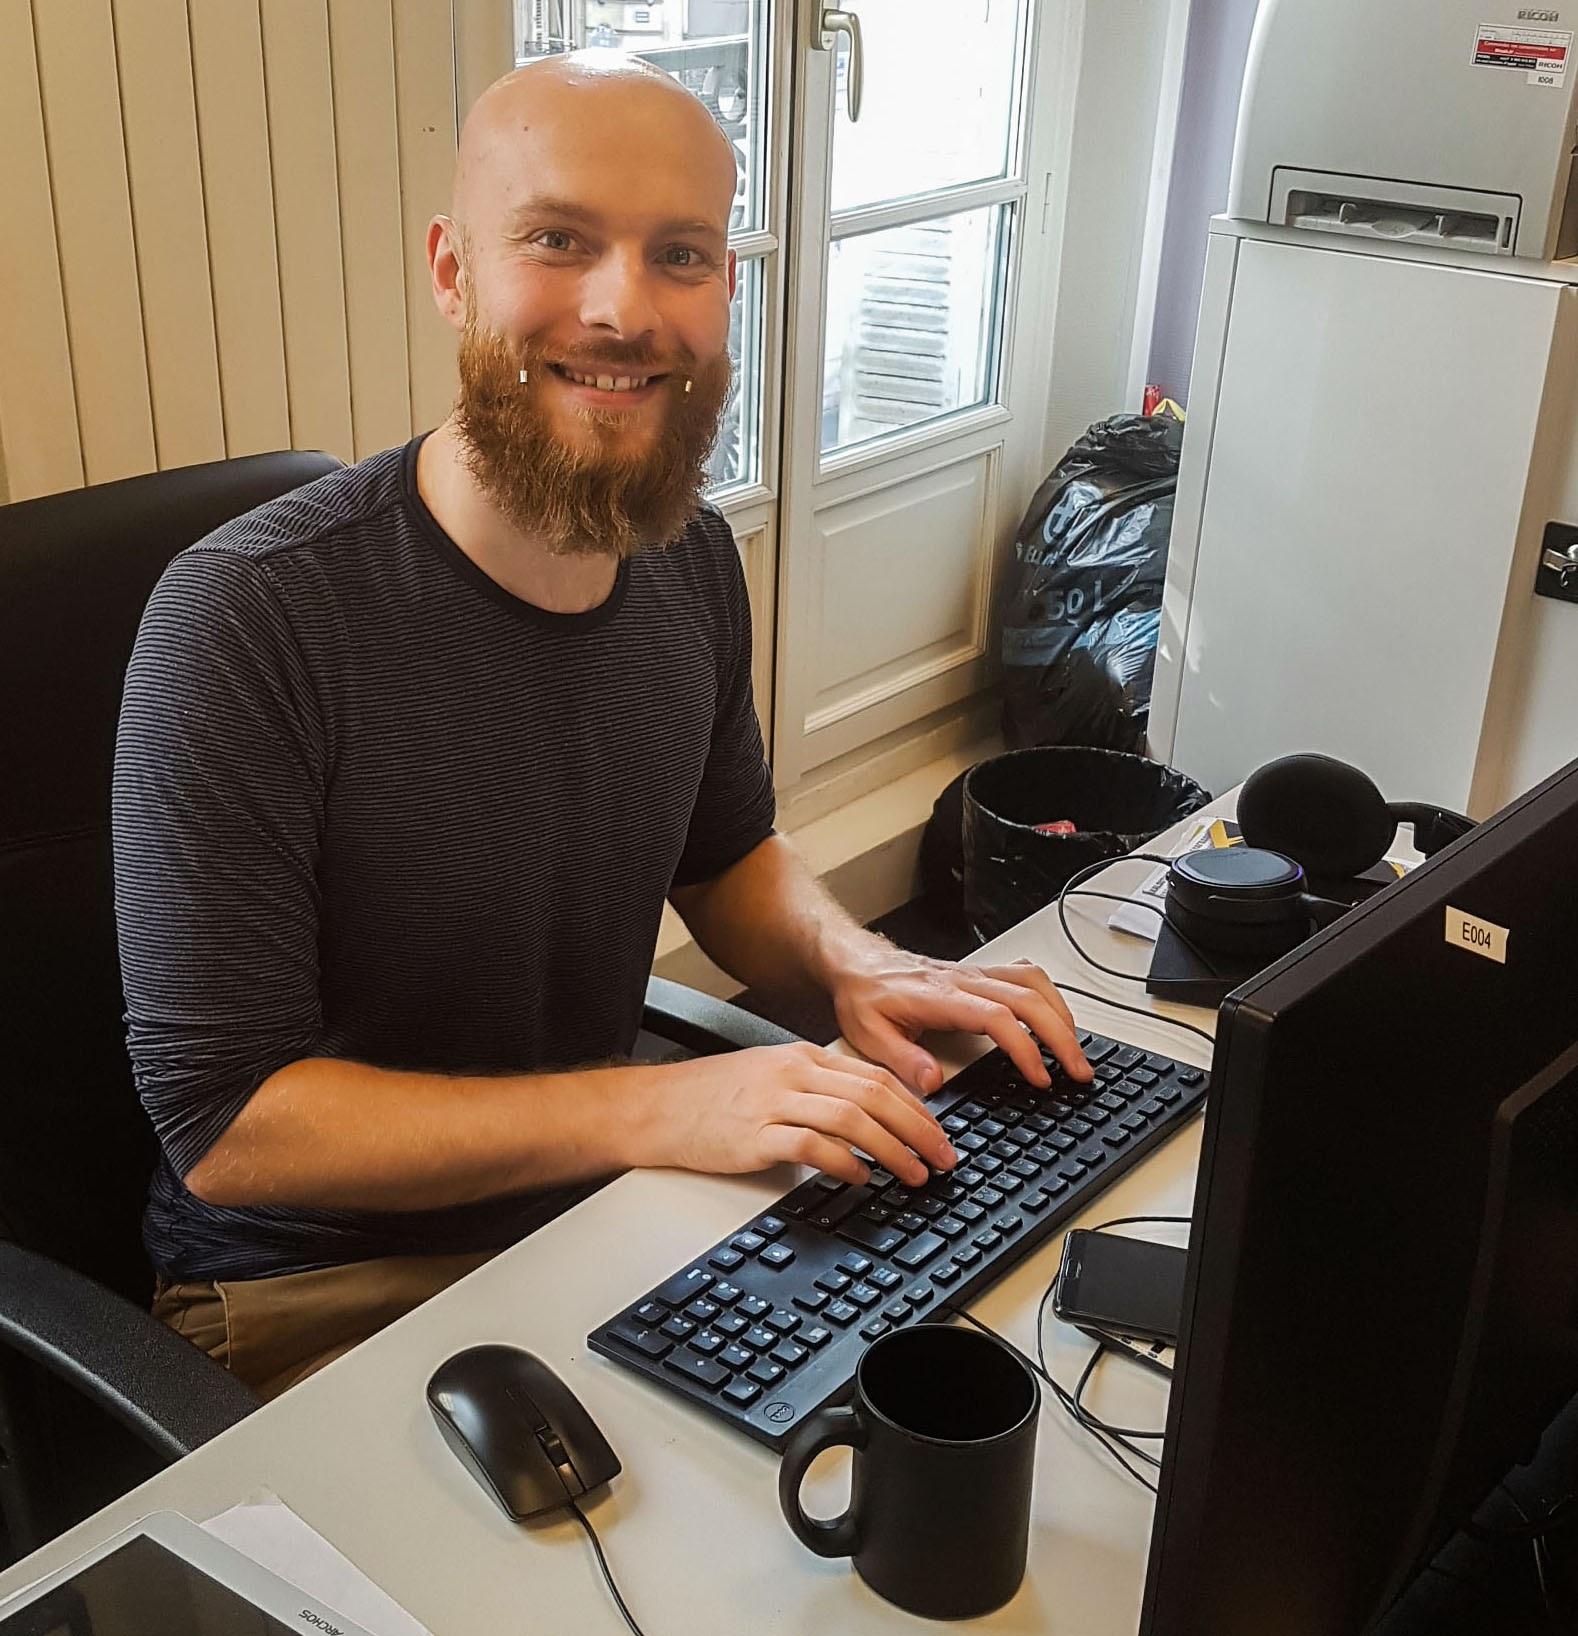 Matthieu, notre clé anglaise maison : développeur, animateur, créateur de sites.